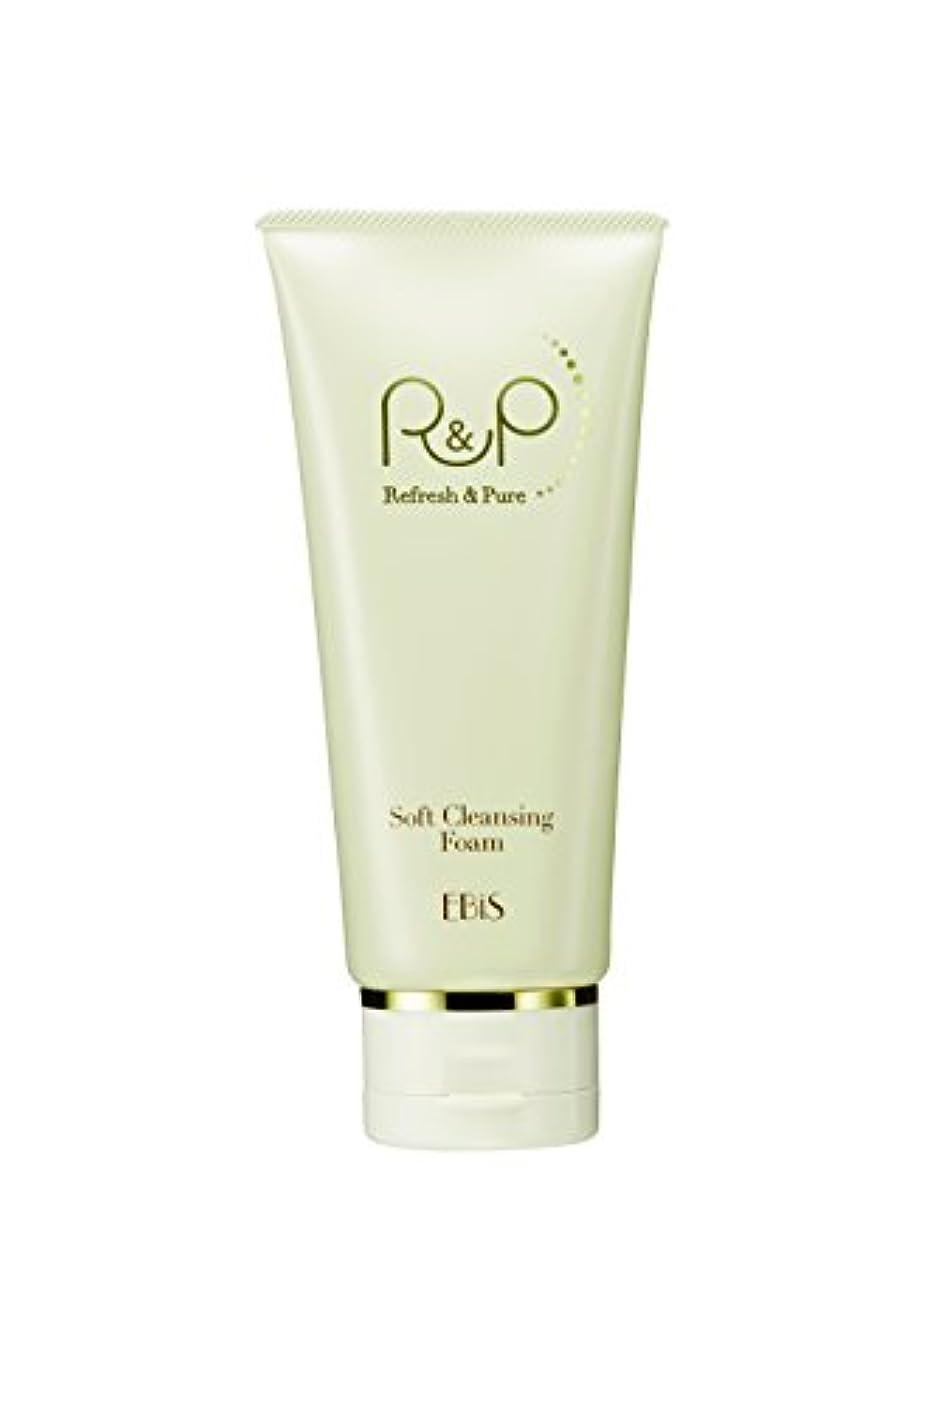 マウンド若い半導体エビス化粧品(EBiS) R&Pソフトクレンジングフォーム100g 泥洗顔 洗顔フォーム 高級クレイ使用 ノンアルコール